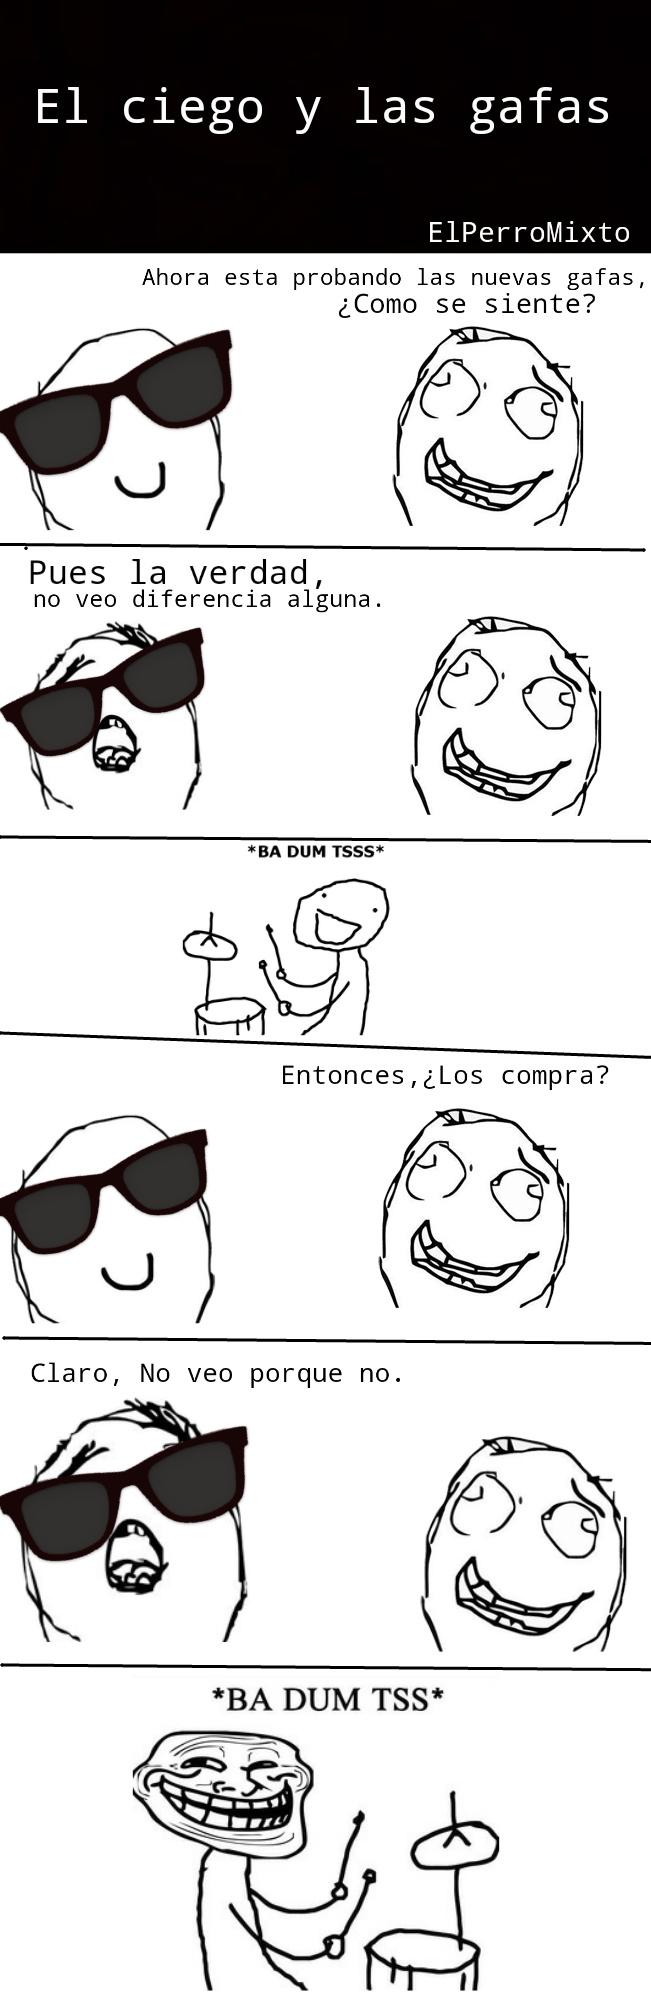 El ciego y las gafas (ORIGINAL) - meme